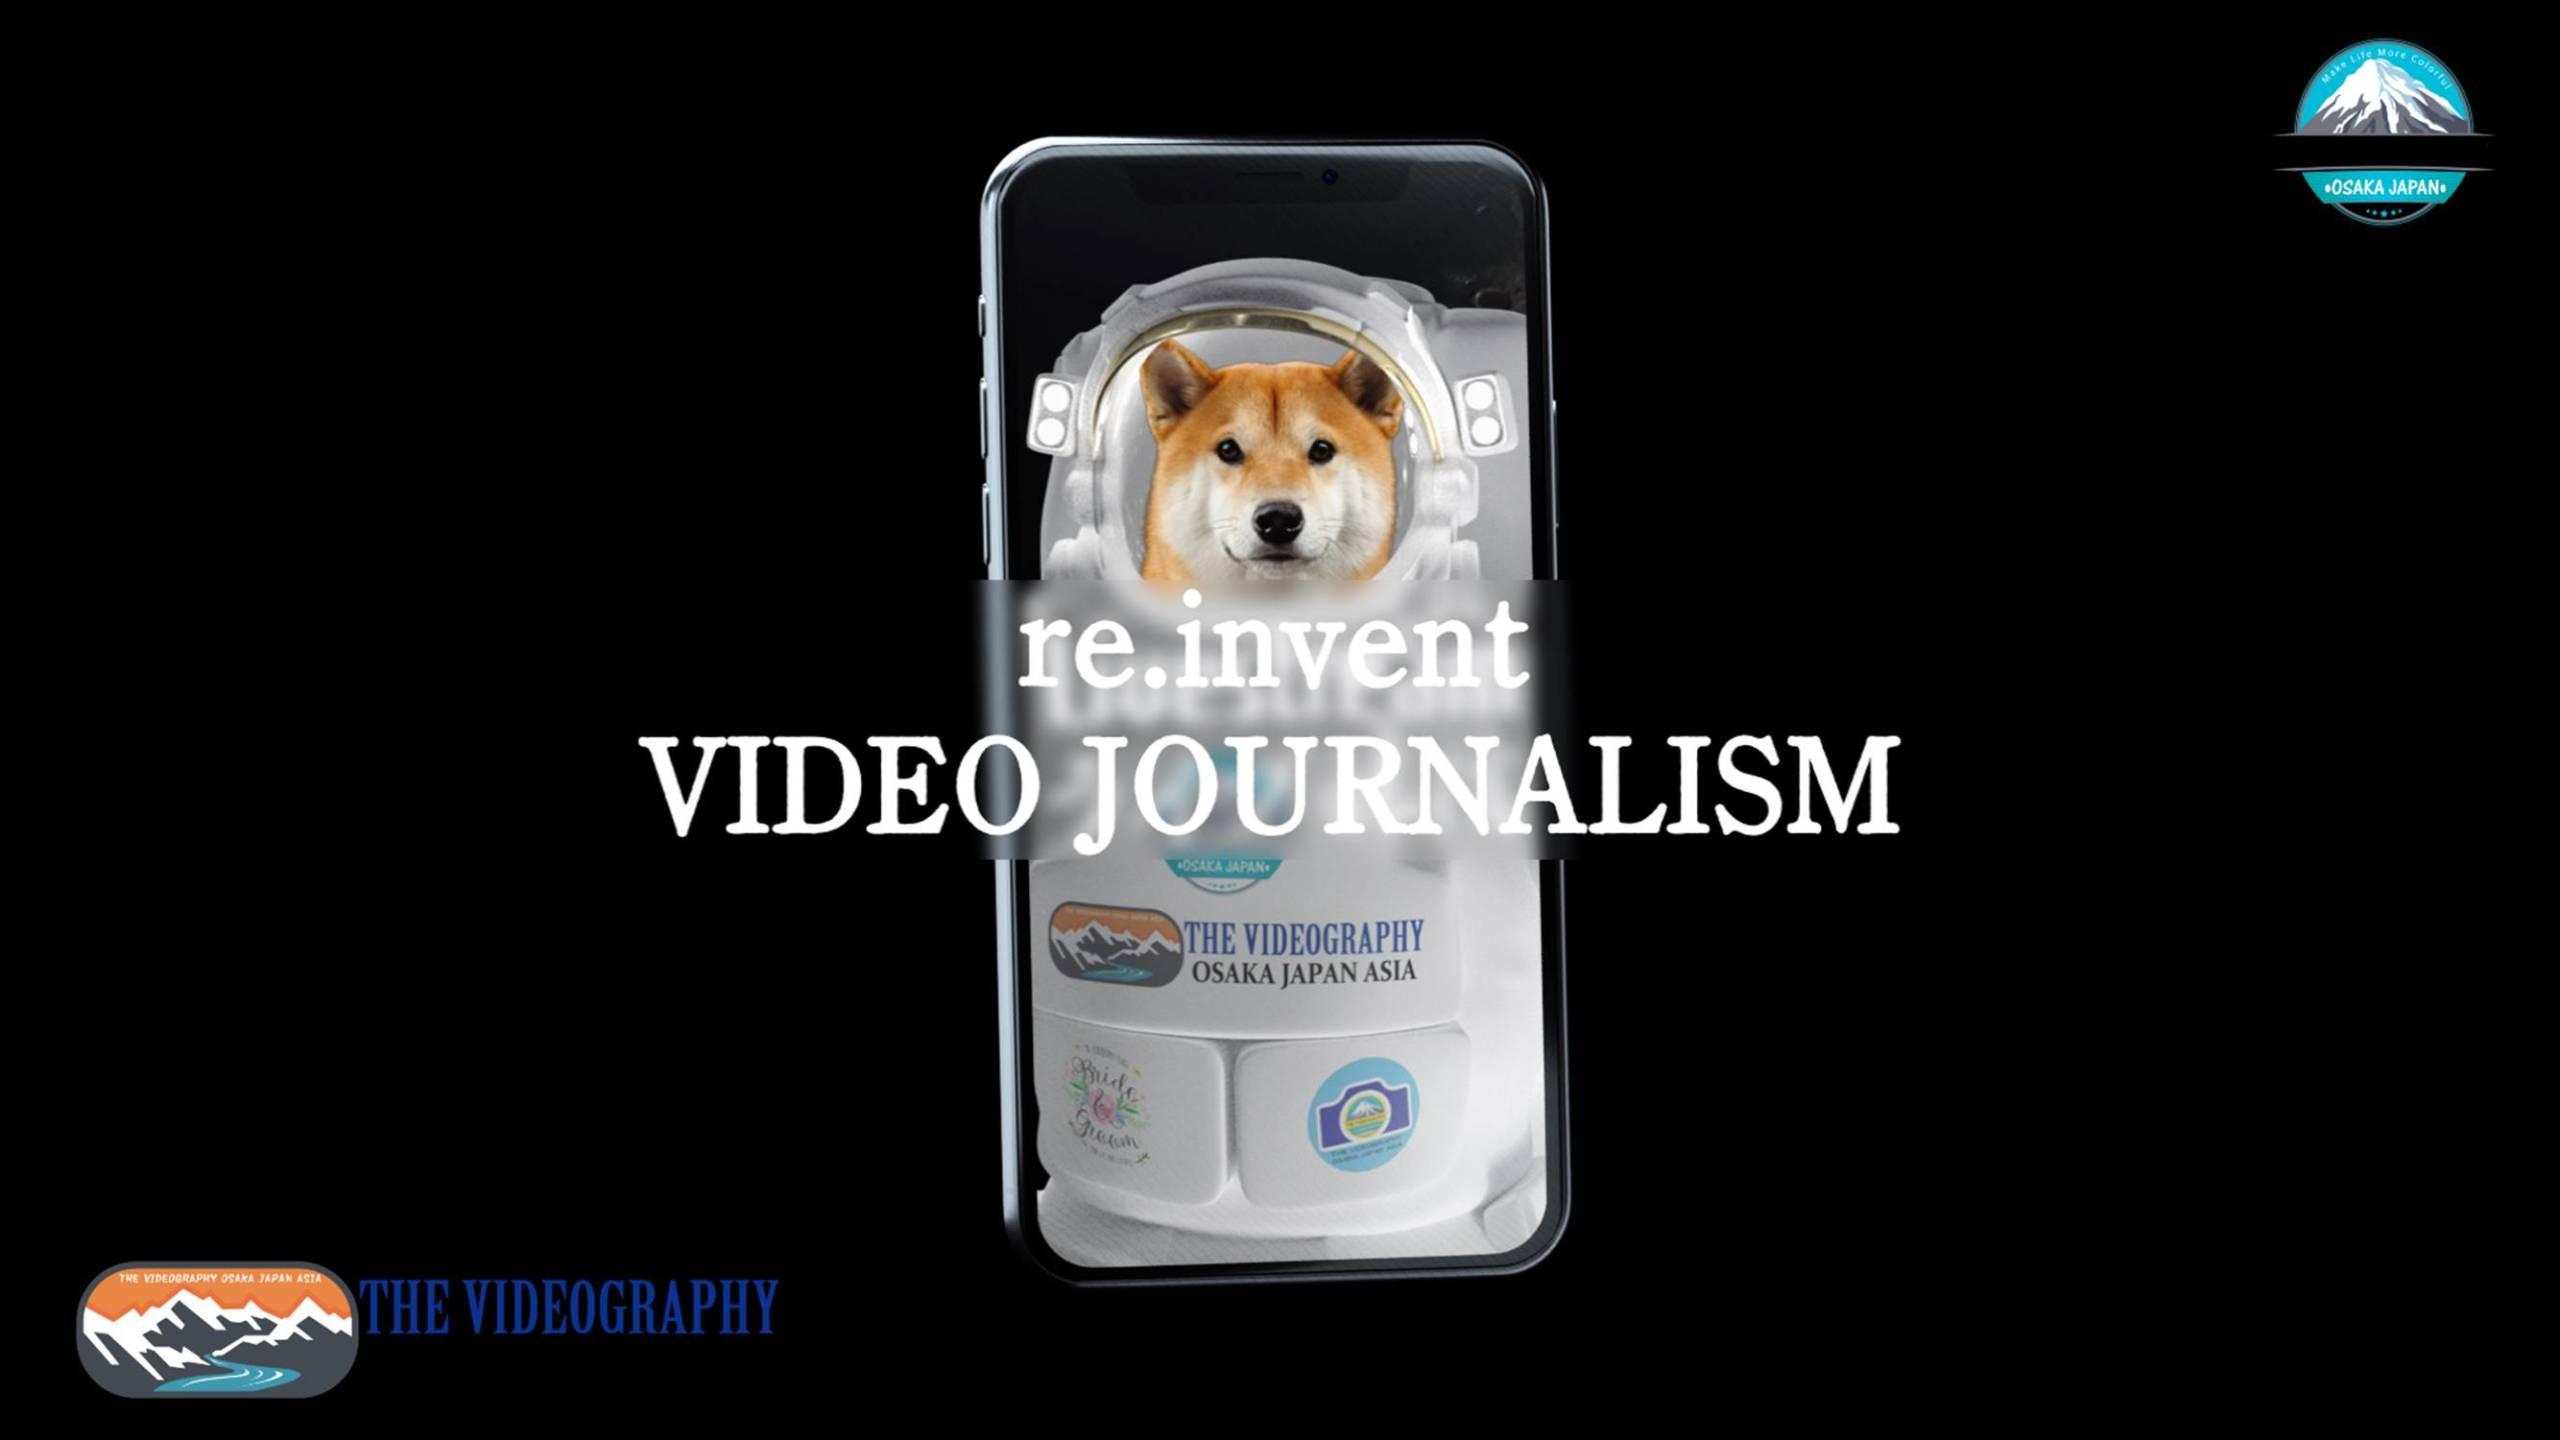 新聞ジャーナリズムやテレビジャーナリズムに代わる新しいネットジャーナリズム。論壇サロンや会員制 課金配信可能なライブストリーミングサービス。